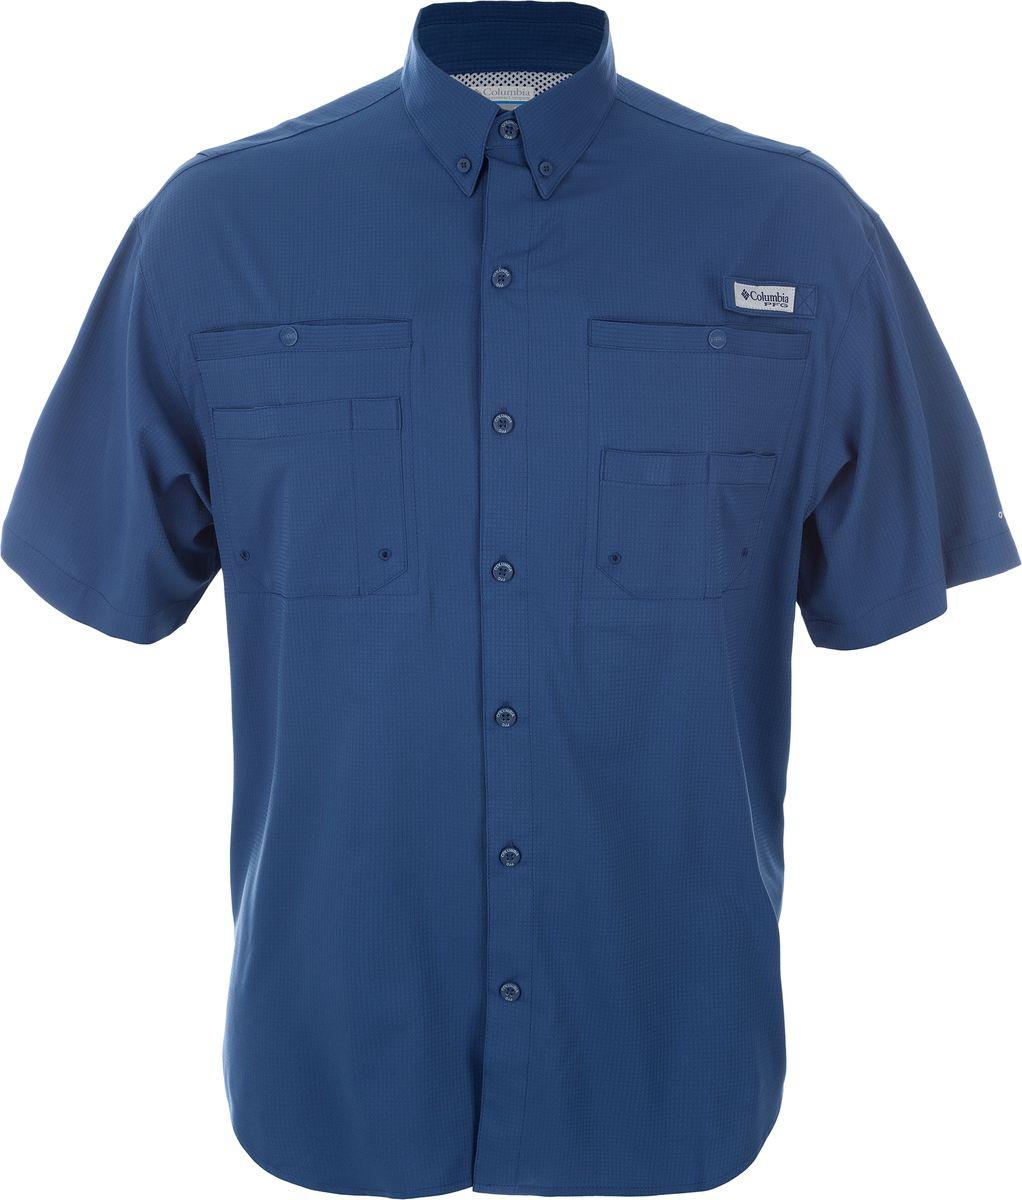 Рубашка мужская Columbia Tamiami II SS Shirt, цвет: синий. 1287051-452. Размер L (48/50)1287051-452Мужская рубашка с коротким рукавом для активного отдыха и туризма выполнена из смесовой ткани. В конструкции предусмотрена дополнительная вентиляция. Рубашка, с отложным воротничком, застегивается на пуговицы по всей длине. На груди расположены накладные карманы.Такую модную рубашку вы сможете комбинировать с любыми элементами гардероба и будете чувствовать себя в ней уютно и комфортно.